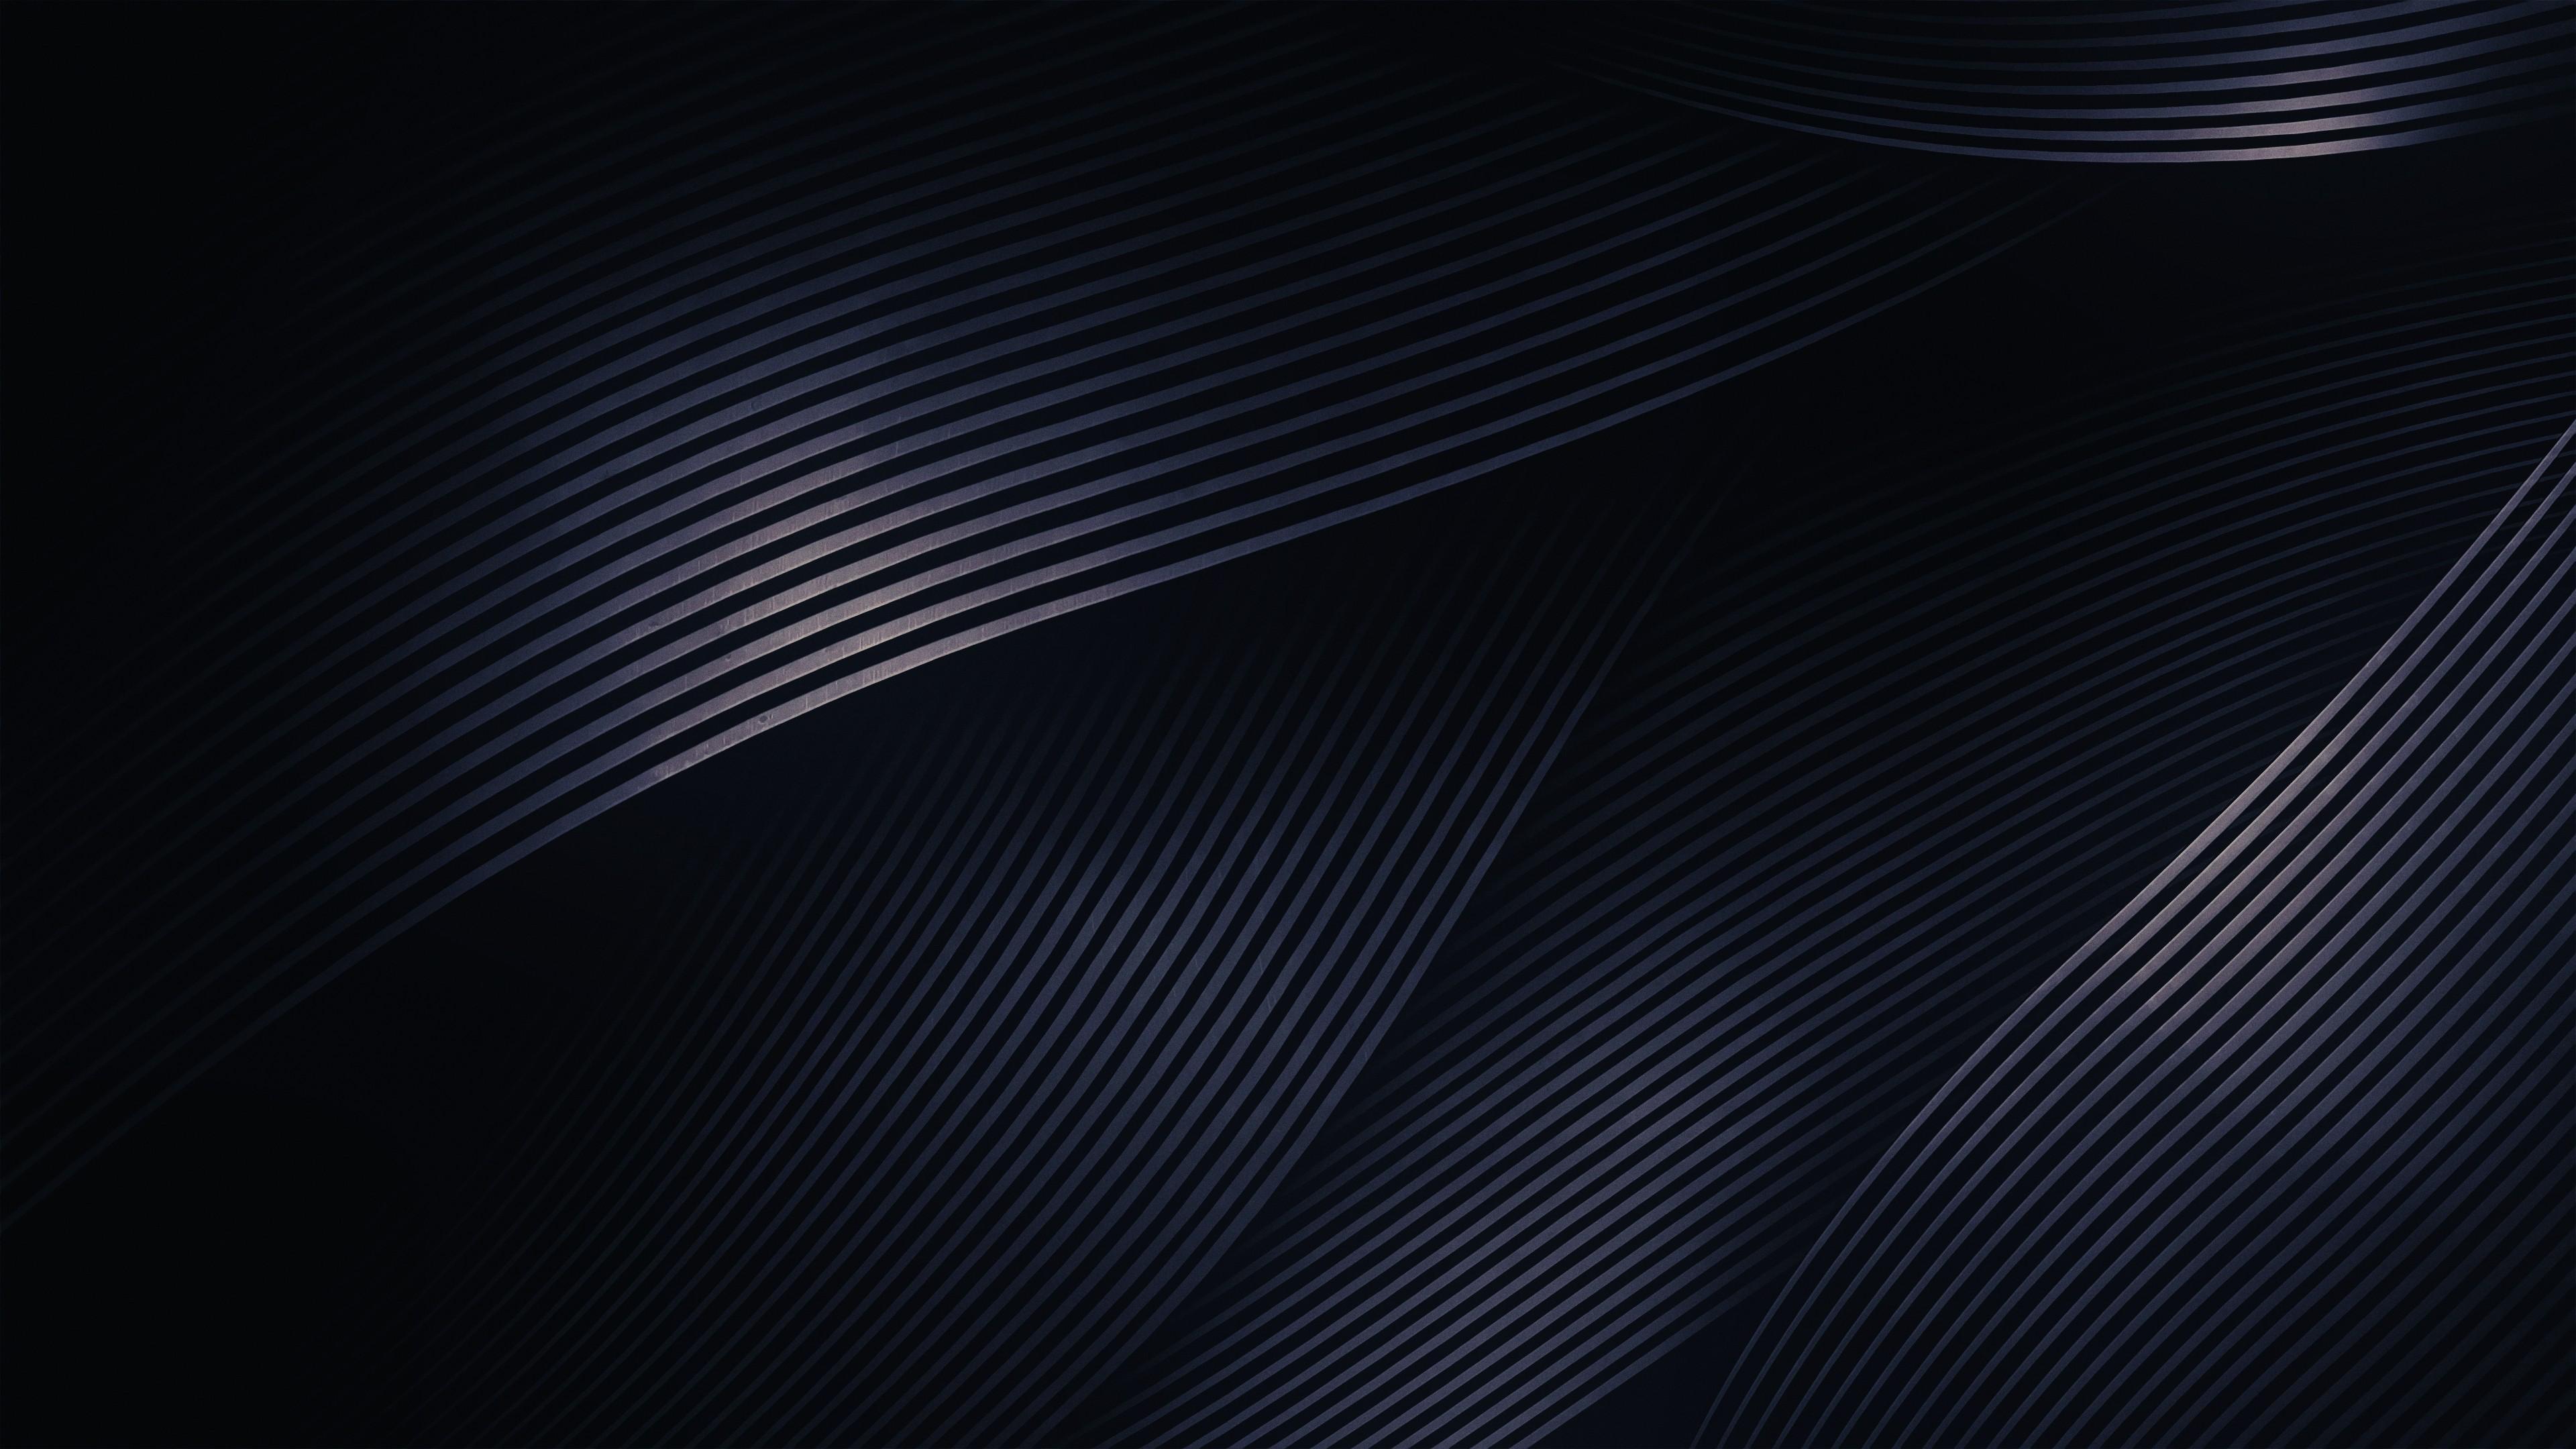 abstract dark shapes light 4k 1539371011 - Abstract Dark Shapes Light 4k - shapes wallpapers, hd-wallpapers, dark wallpapers, abstract wallpapers, 4k-wallpapers